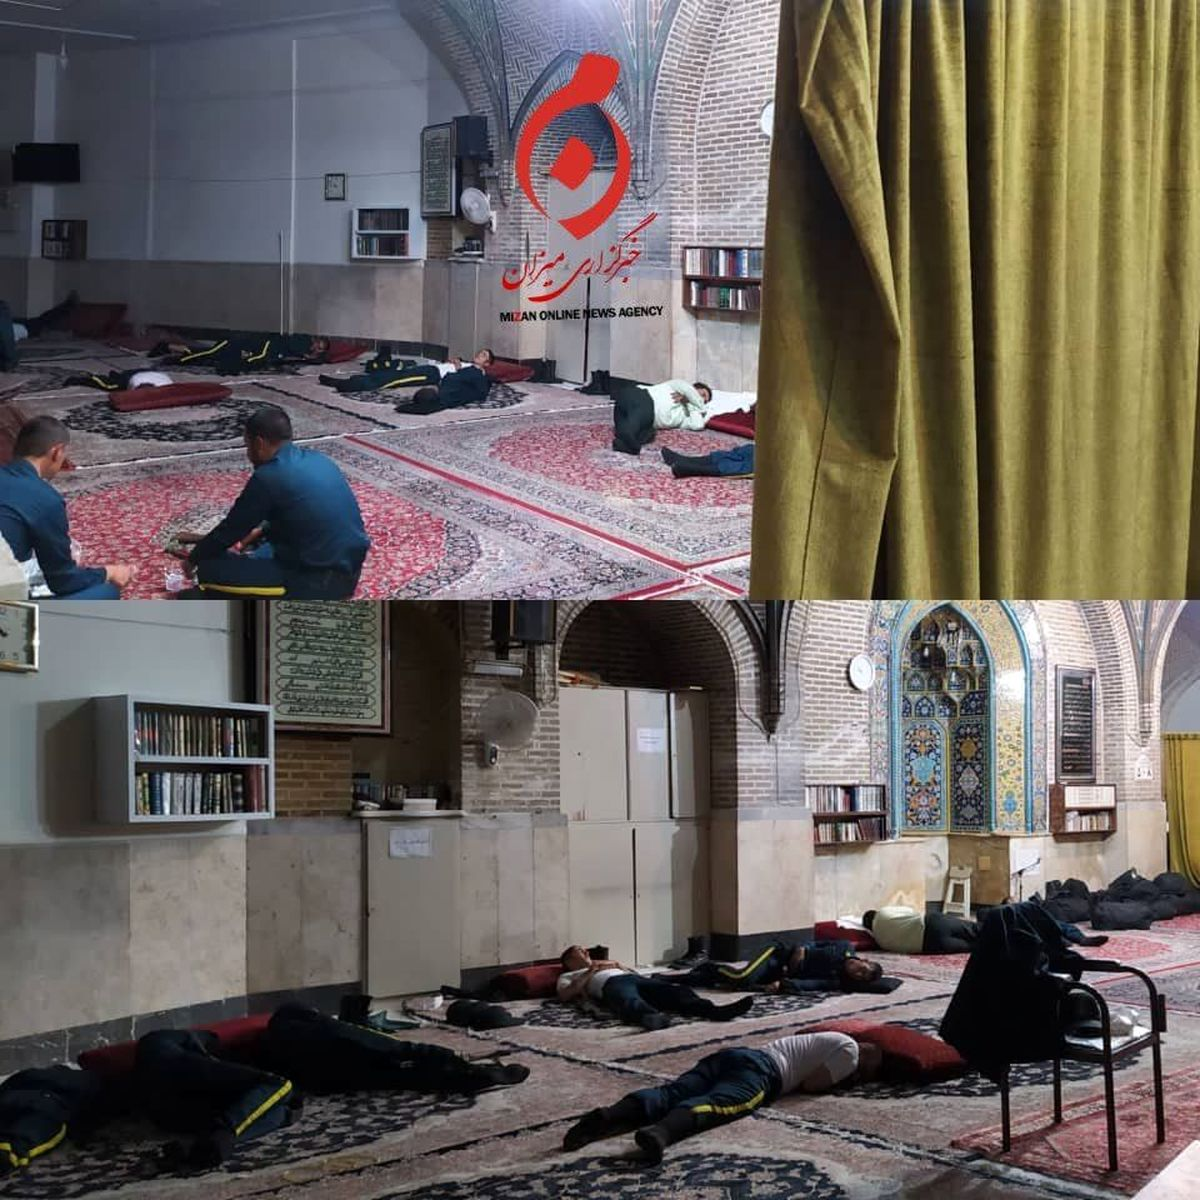 تصویر متفاوت پایانی از مسجد لرزاده در شب رای گیری